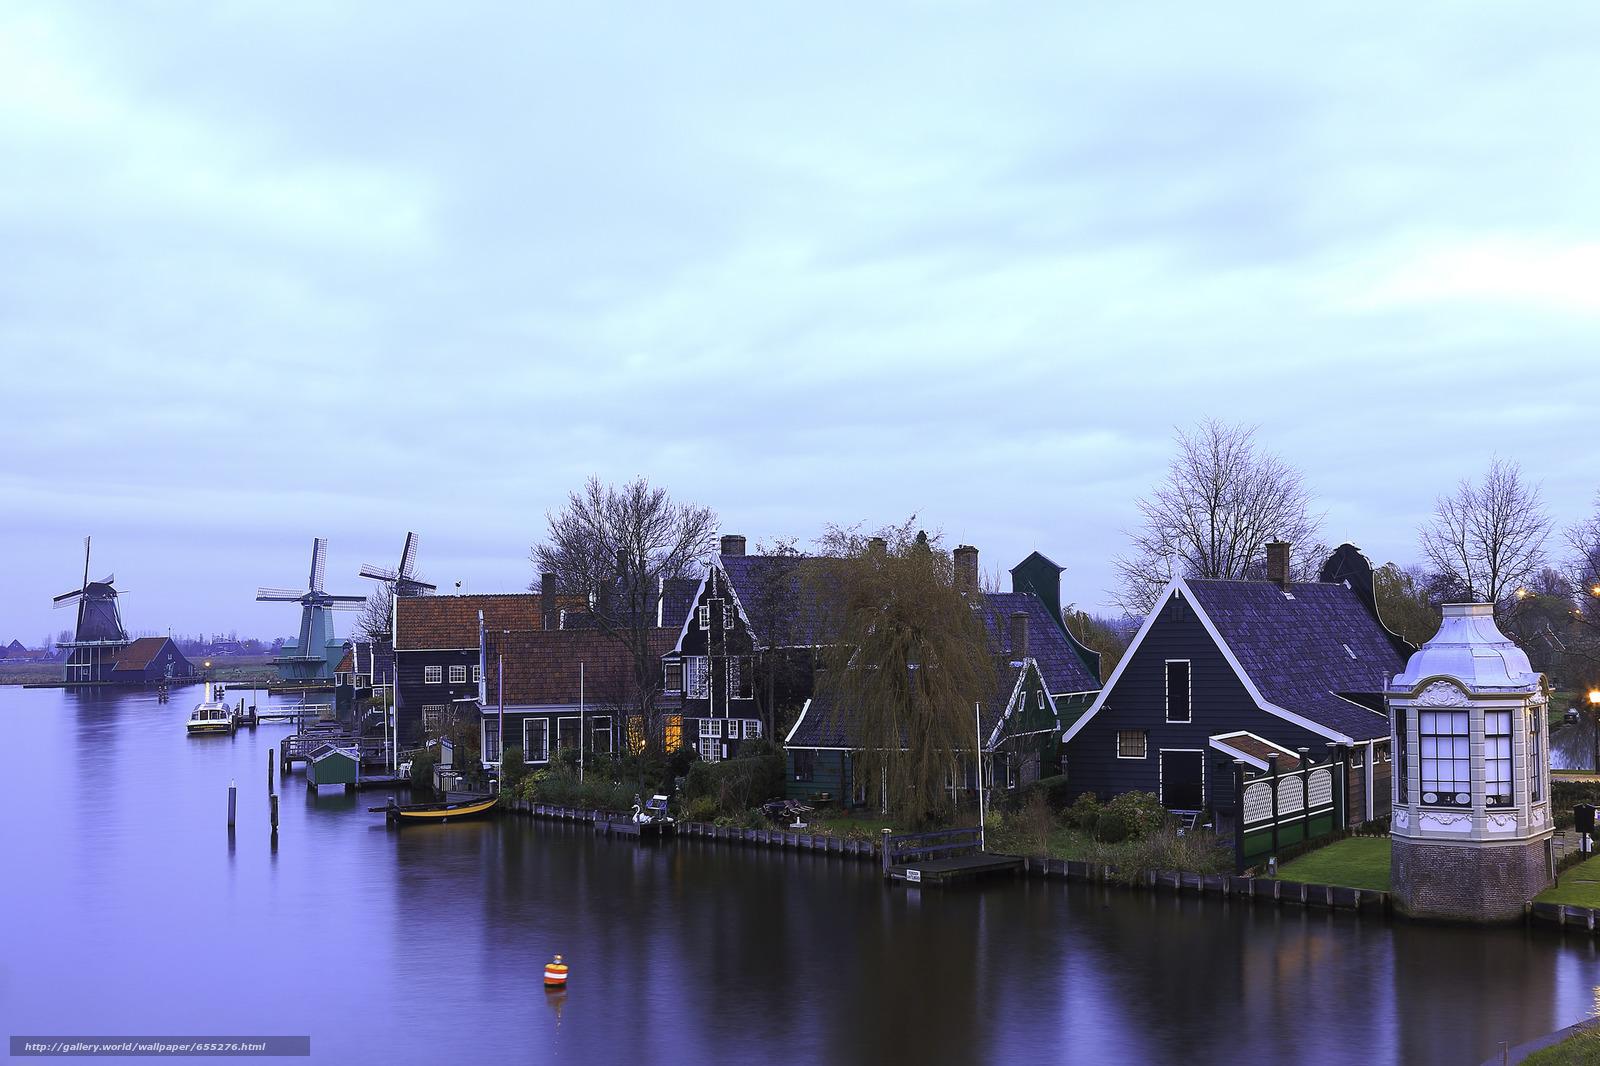 Скачать обои Zaanschans,  Нидерланды,  Amsterdam,  Netherlands бесплатно для рабочего стола в разрешении 2048x1365 — картинка №655276